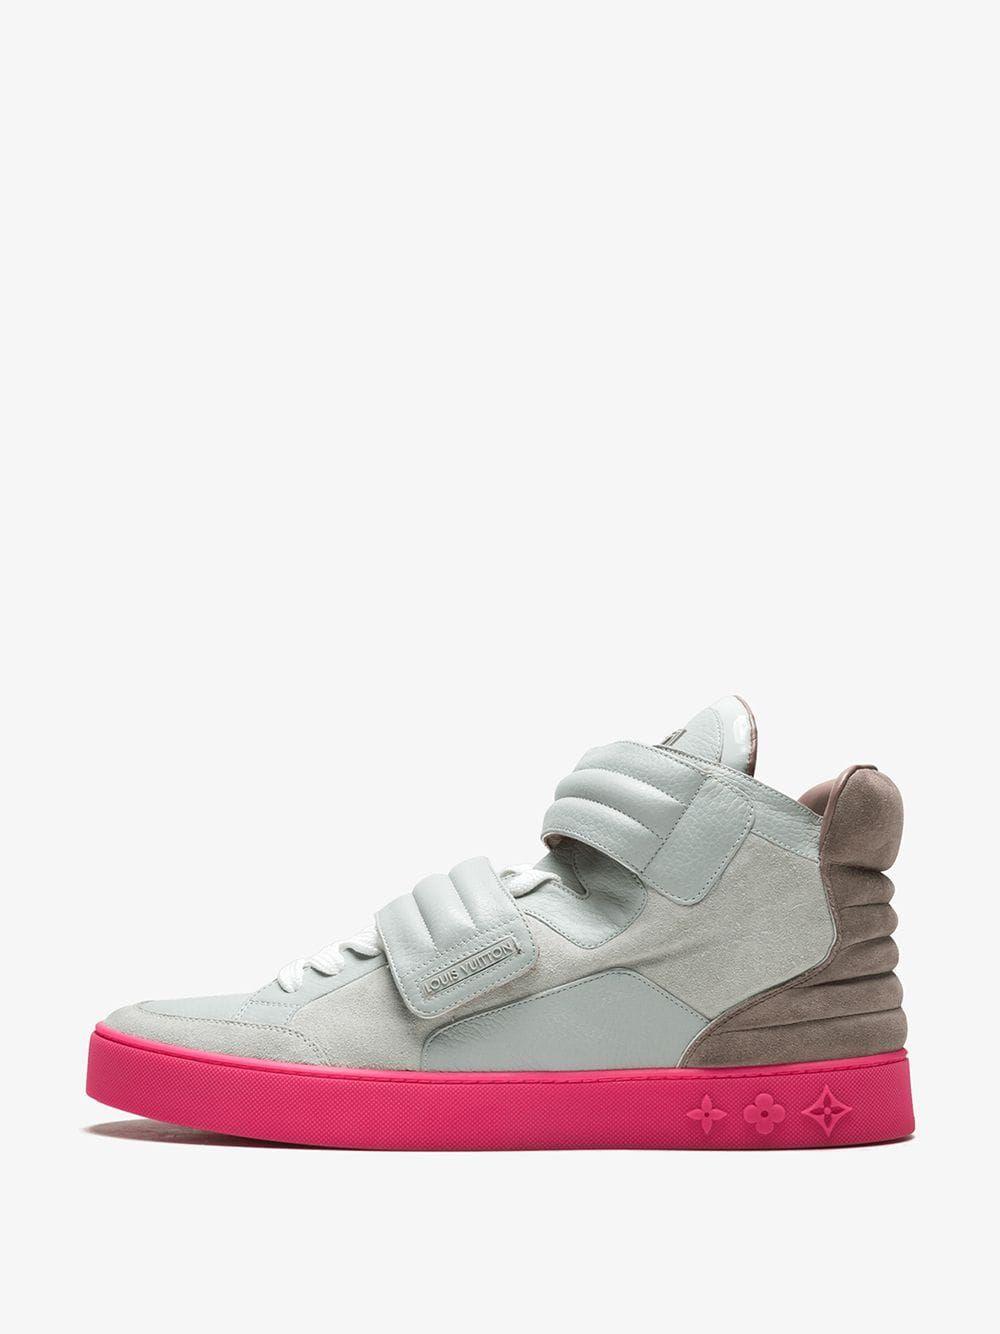 Stadium Goods Louis Vuitton X Kanye West Jasper Sneakers In Grey Modesens Brown Sneakers Sneakers Sneakers Grey